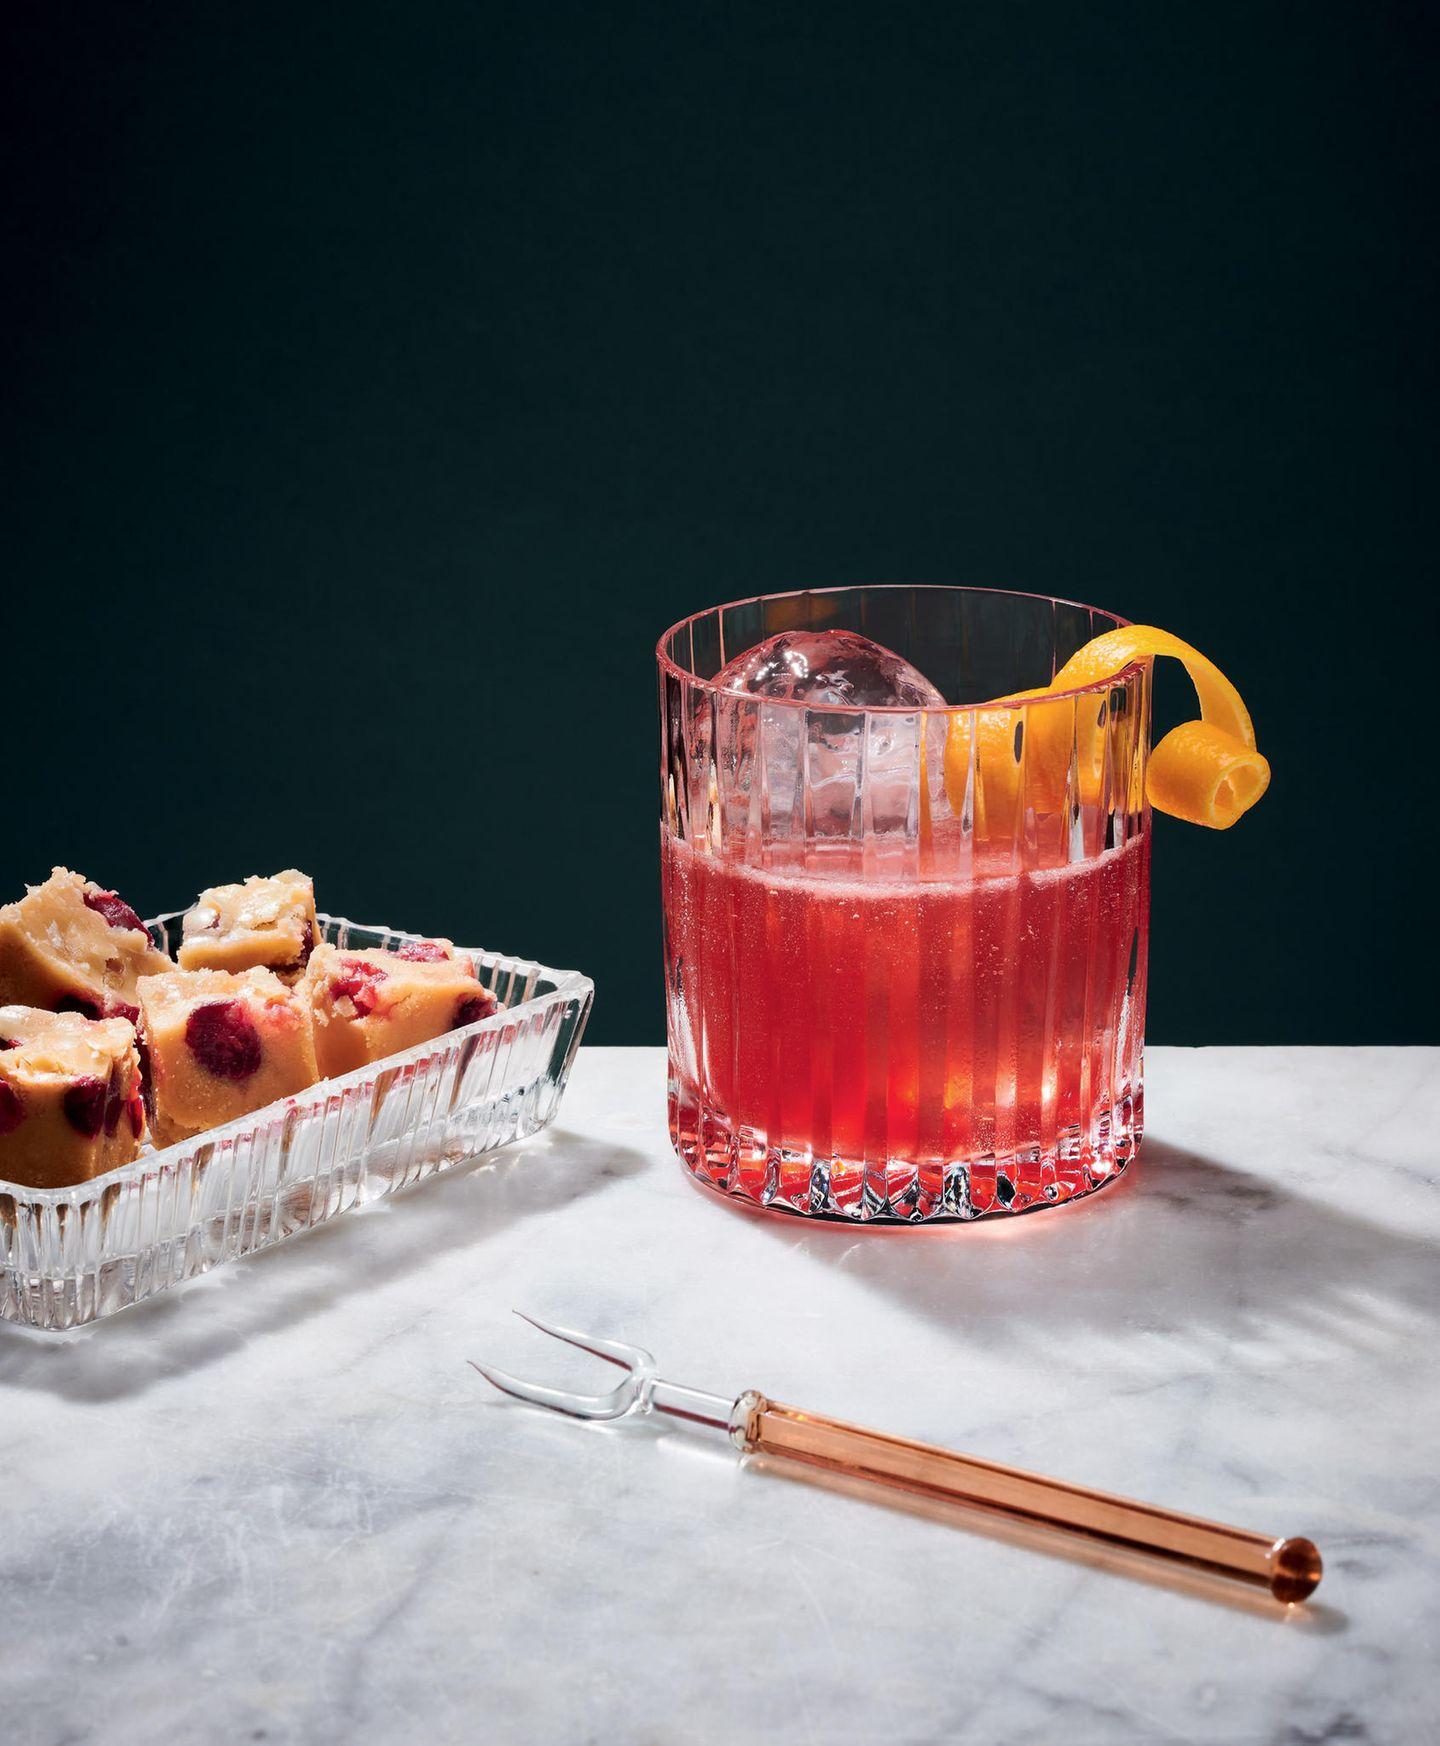 Scarlett O'Hara  für 1 Cocktail:  4 cl Whiskeylikör (z. B. Southern Comfort)  4 cl Cranberrysaft  2 cl Limettensaft  Eis  Orangenschale  1. Die Zutaten mit Eis in einem Shaker mischen und kräftig schütteln.  2. Cocktail in einen gekühlten Tumbler gießen und etwas Eis dazugeben.  Salziges Fudge  für 6 Personen:  500 g Zucker  500 g Sahne  60 g Butter  3 EL Meersalz  3 EL Whiskeylikör  100 g Cranberrys  1. Zucker, Sahne und Butter in einem großen Topf aufkochen und auf kleiner Flamme köcheln lassen.  2. Die Masse so lange köcheln lassen, bis sie die Farbe von Karamell hat.  3. Vom Herd nehmen und das Salz, den Whiskeylikör und die Cranberrys grob unterrühren und in eine mit Backpapier ausgekleidete Form füllen. 2–4 Stunden auskühlen lassen – erst dann ist es schnittfest.  4. Je nach Wunsch in Würfel schneiden oder in Stücke brechen.  Achtung: Das Fudge hält durch die frischen Cranberrys nur 3–4 Tage!  Zubereitungszeit: 35 Minuten + Kühlzeit